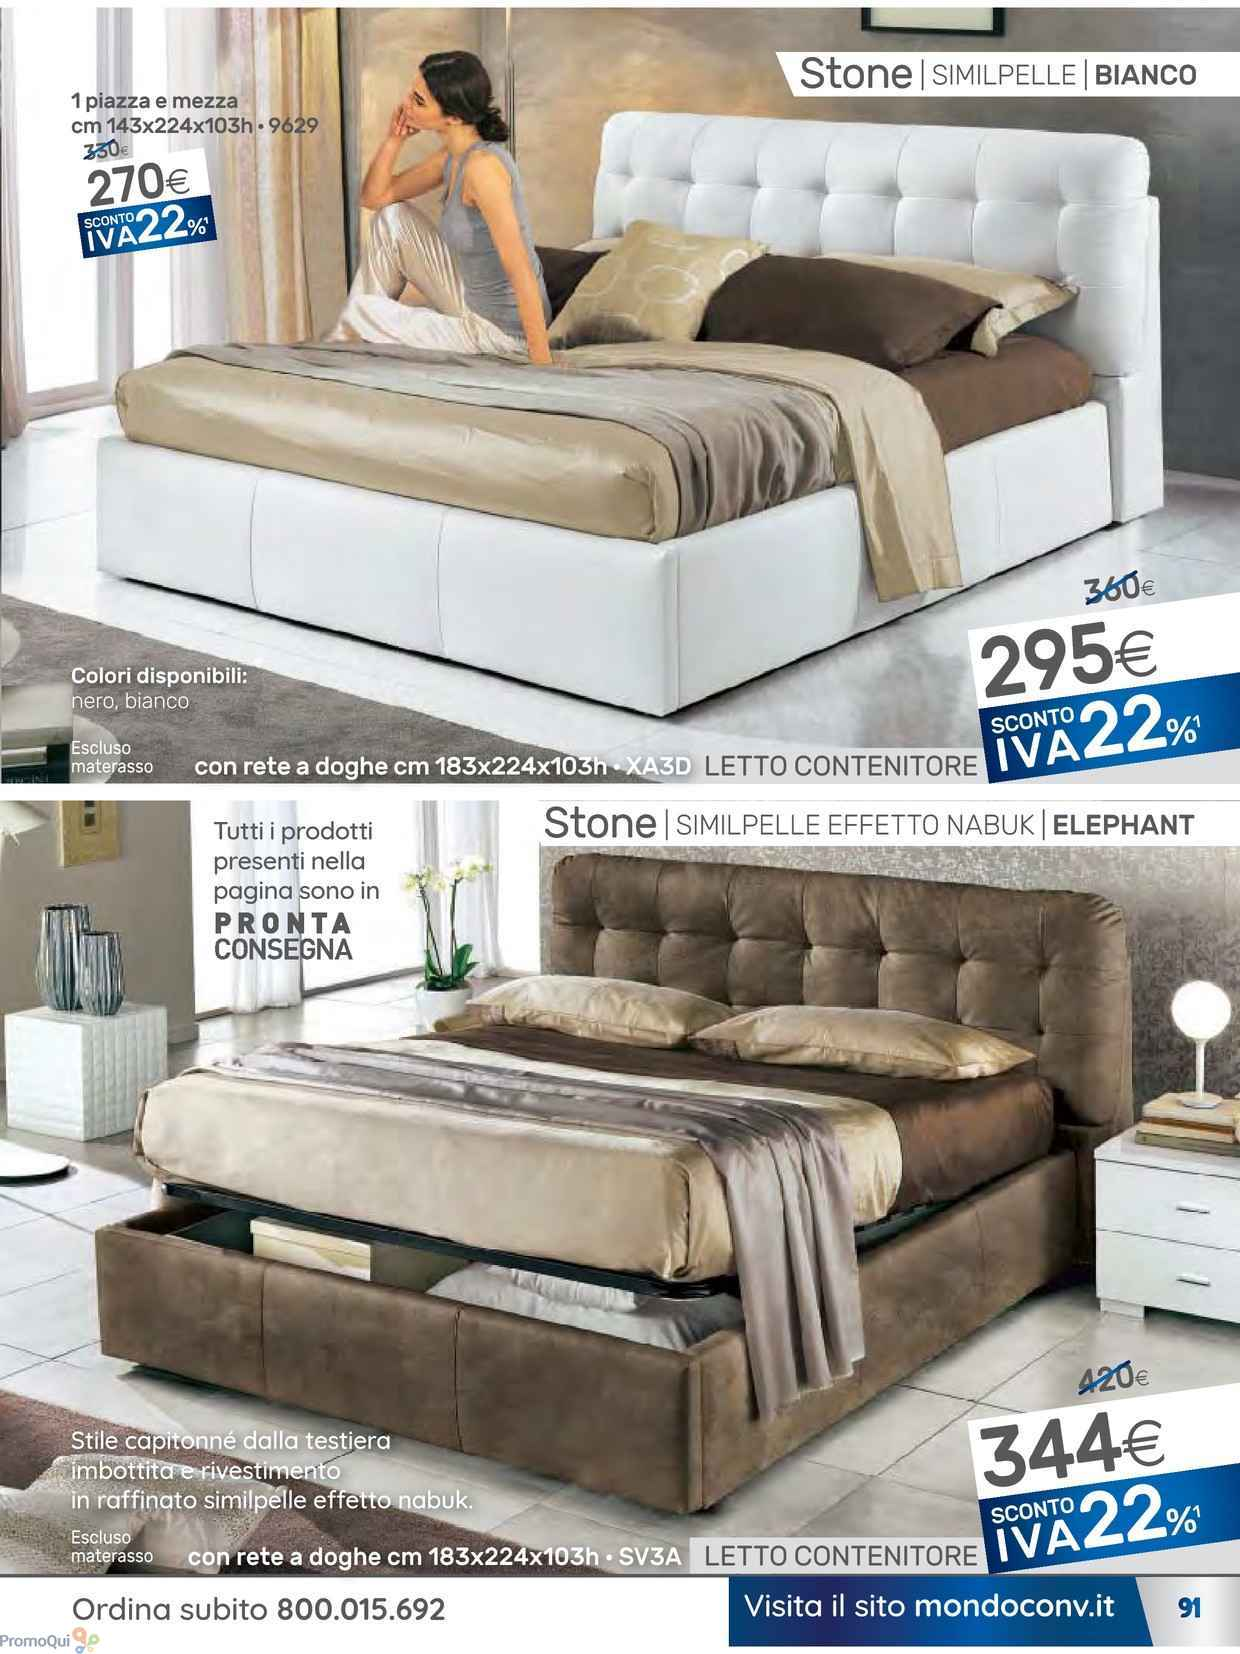 Materassi in lattice mondo convenienza cool best - Materassi per divano letto mondo convenienza ...